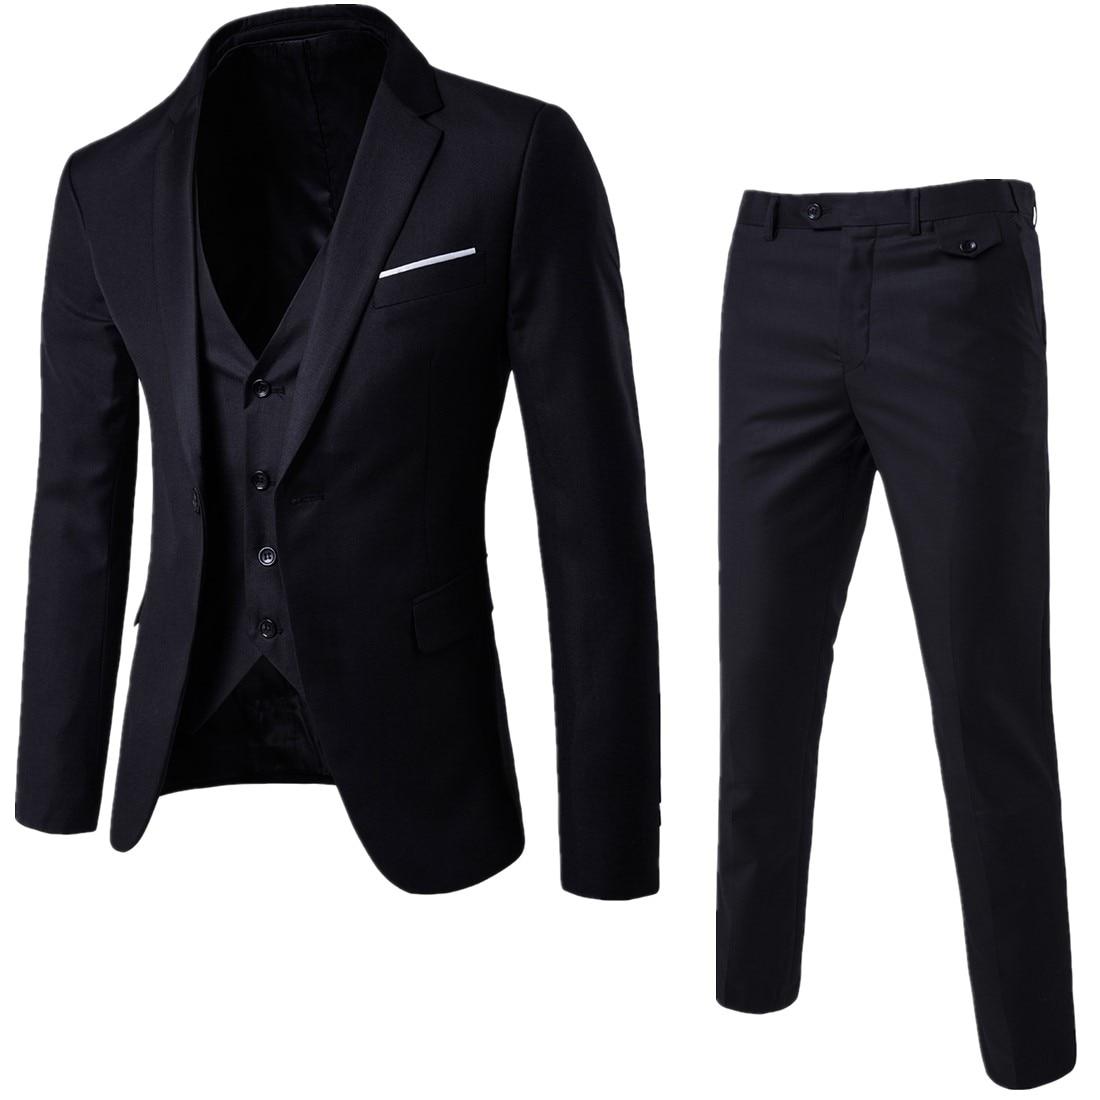 9 цветов 1 компл. = куртка + брюки + жилеты мужские костюмы классические свадебные деловые приталвечерние енные вечерние костюмы мужские пидж...